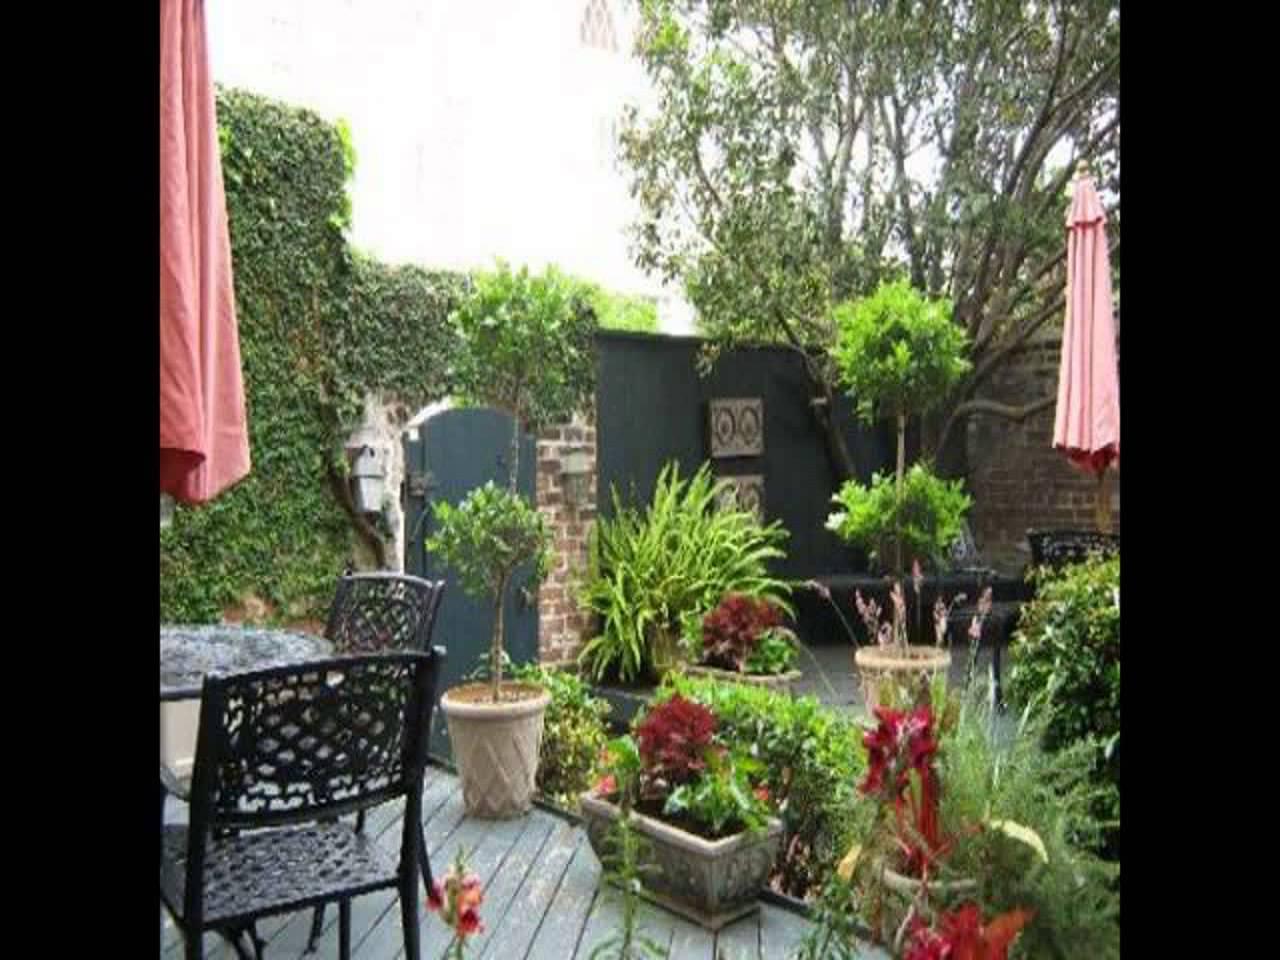 Dise o de jardines peque os gardening video forum for Como organizar jardines pequenos